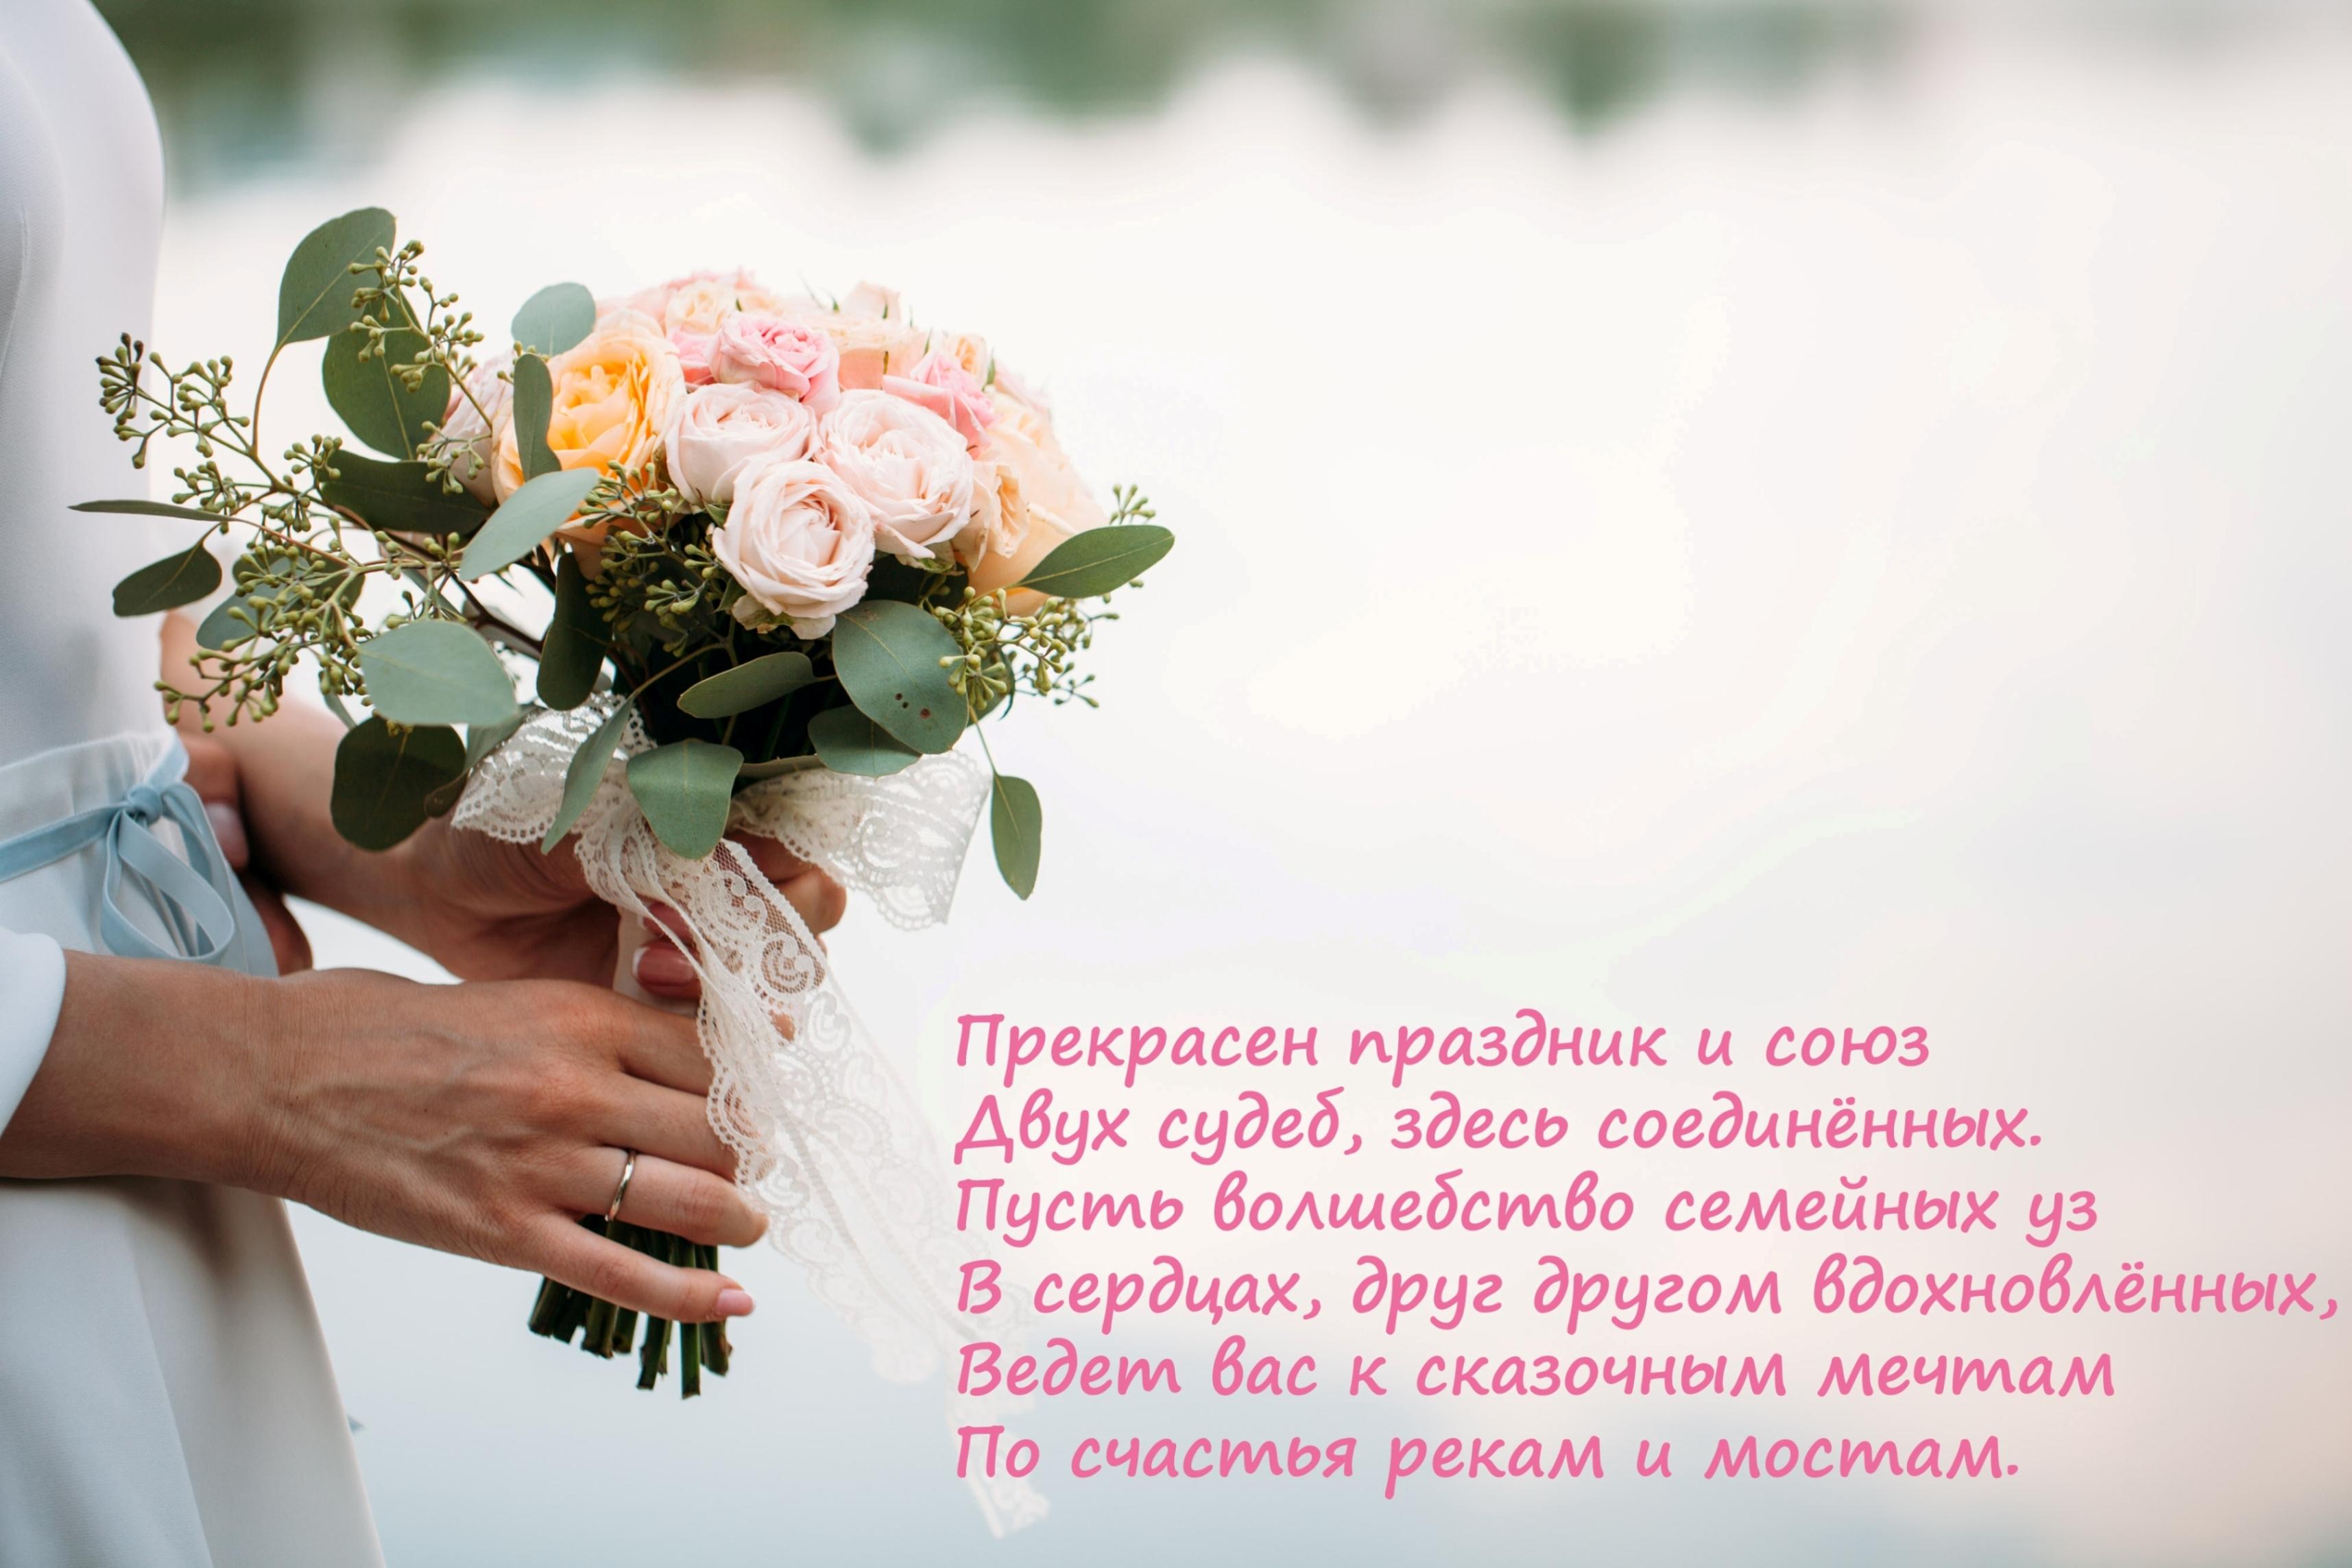 Православные поздравления с днем свадьбы красивые трогательные